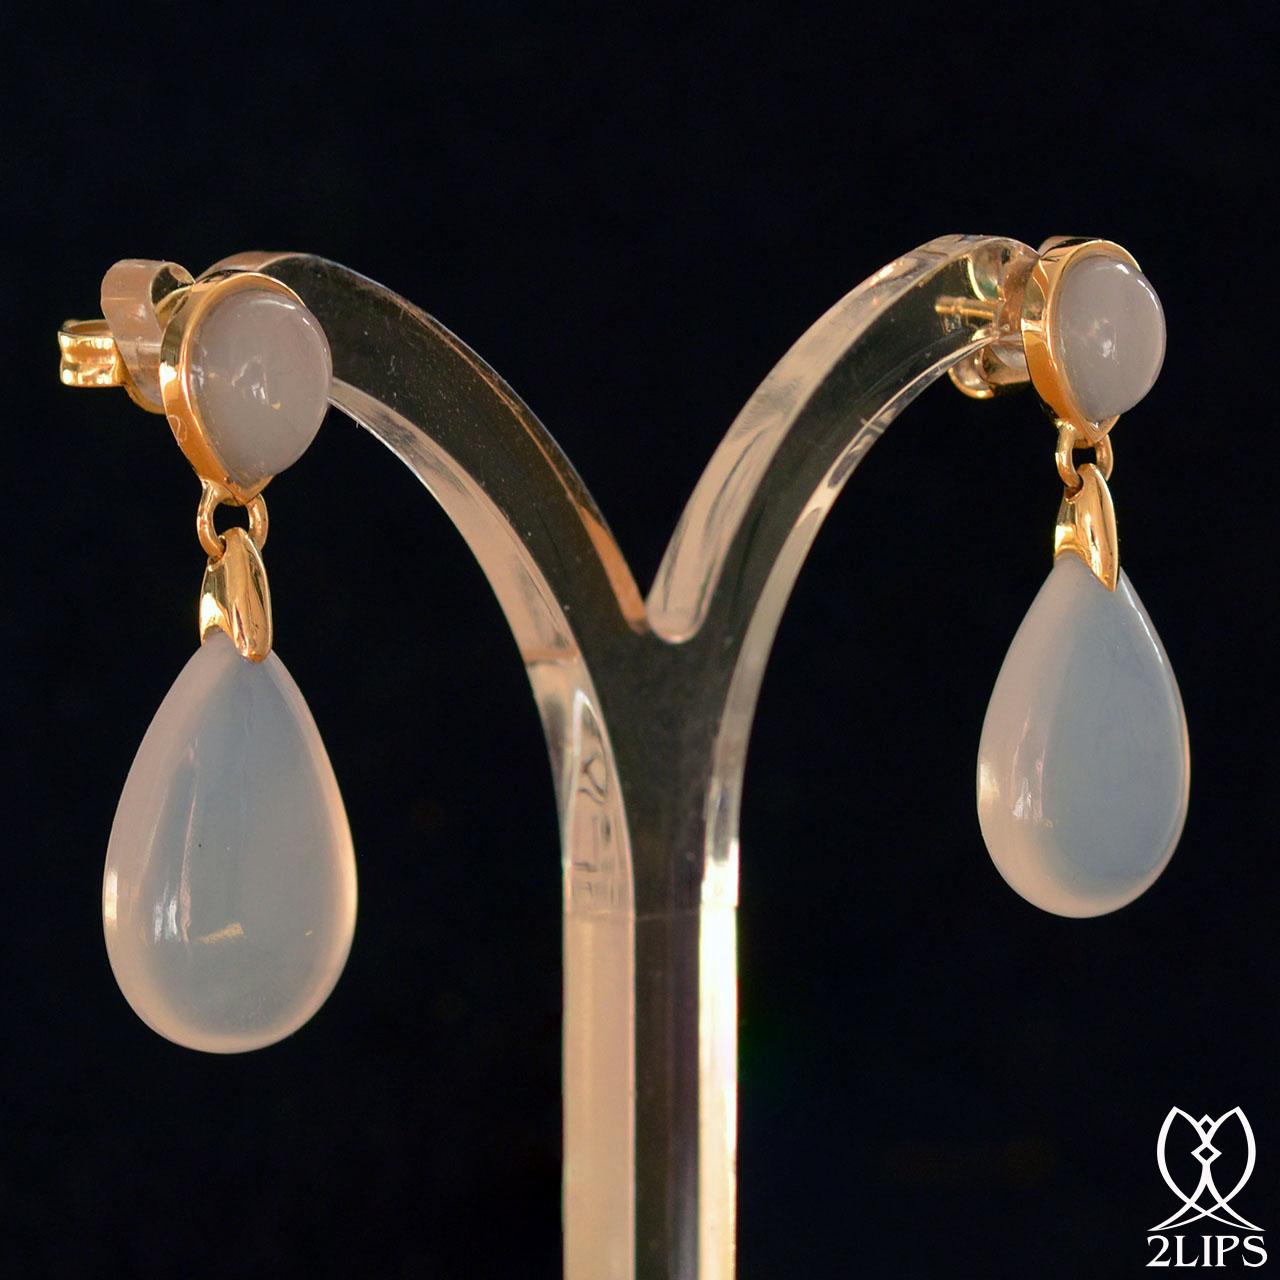 18k-goud-2lips-colours-oorbellen-blauwe-chalcedoon-designer-david-aardewerk-juwelierclick-to-edit